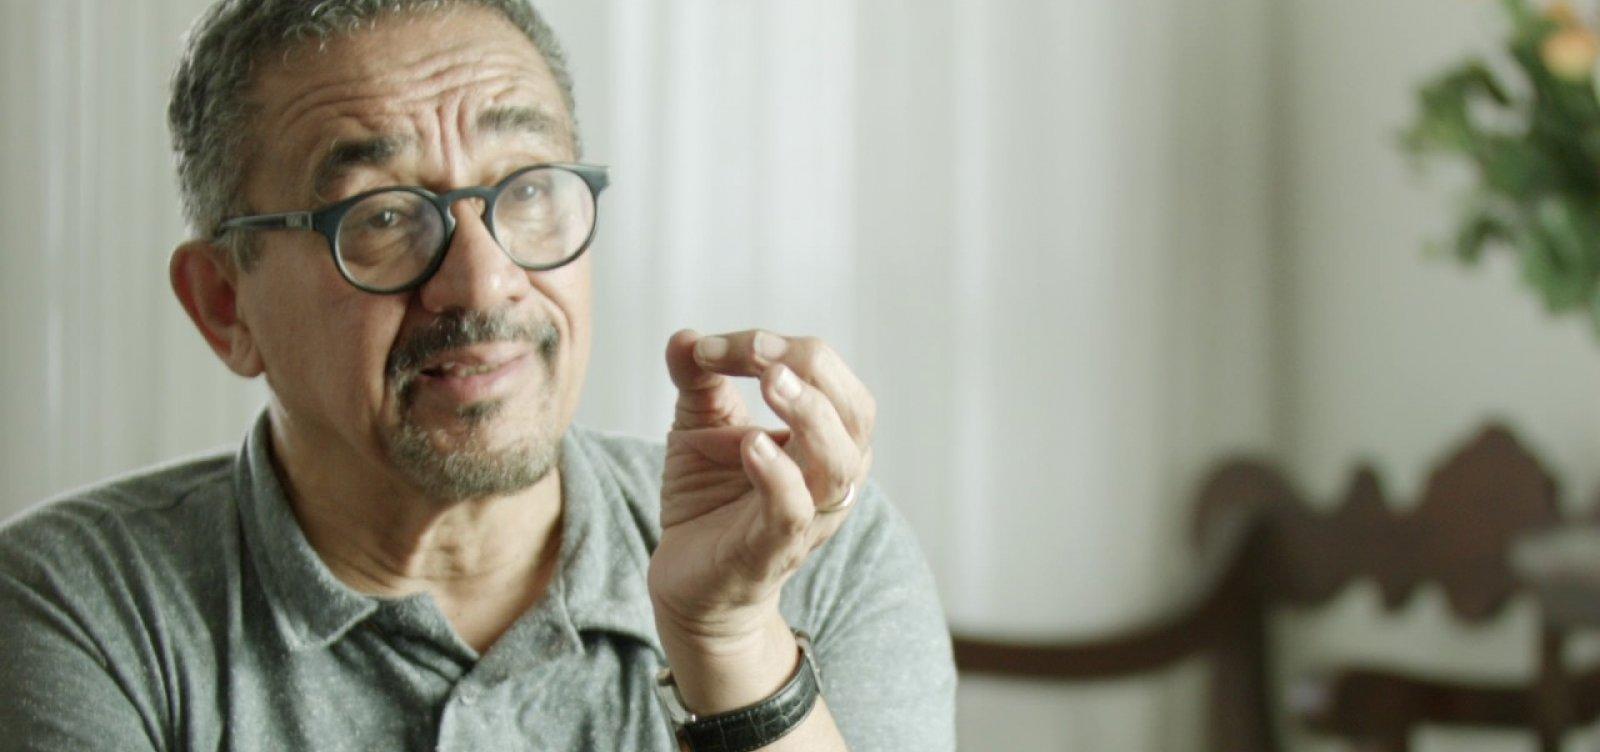 [Muniz Sodré é eleito para Academia Baiana de Letras, diz site]